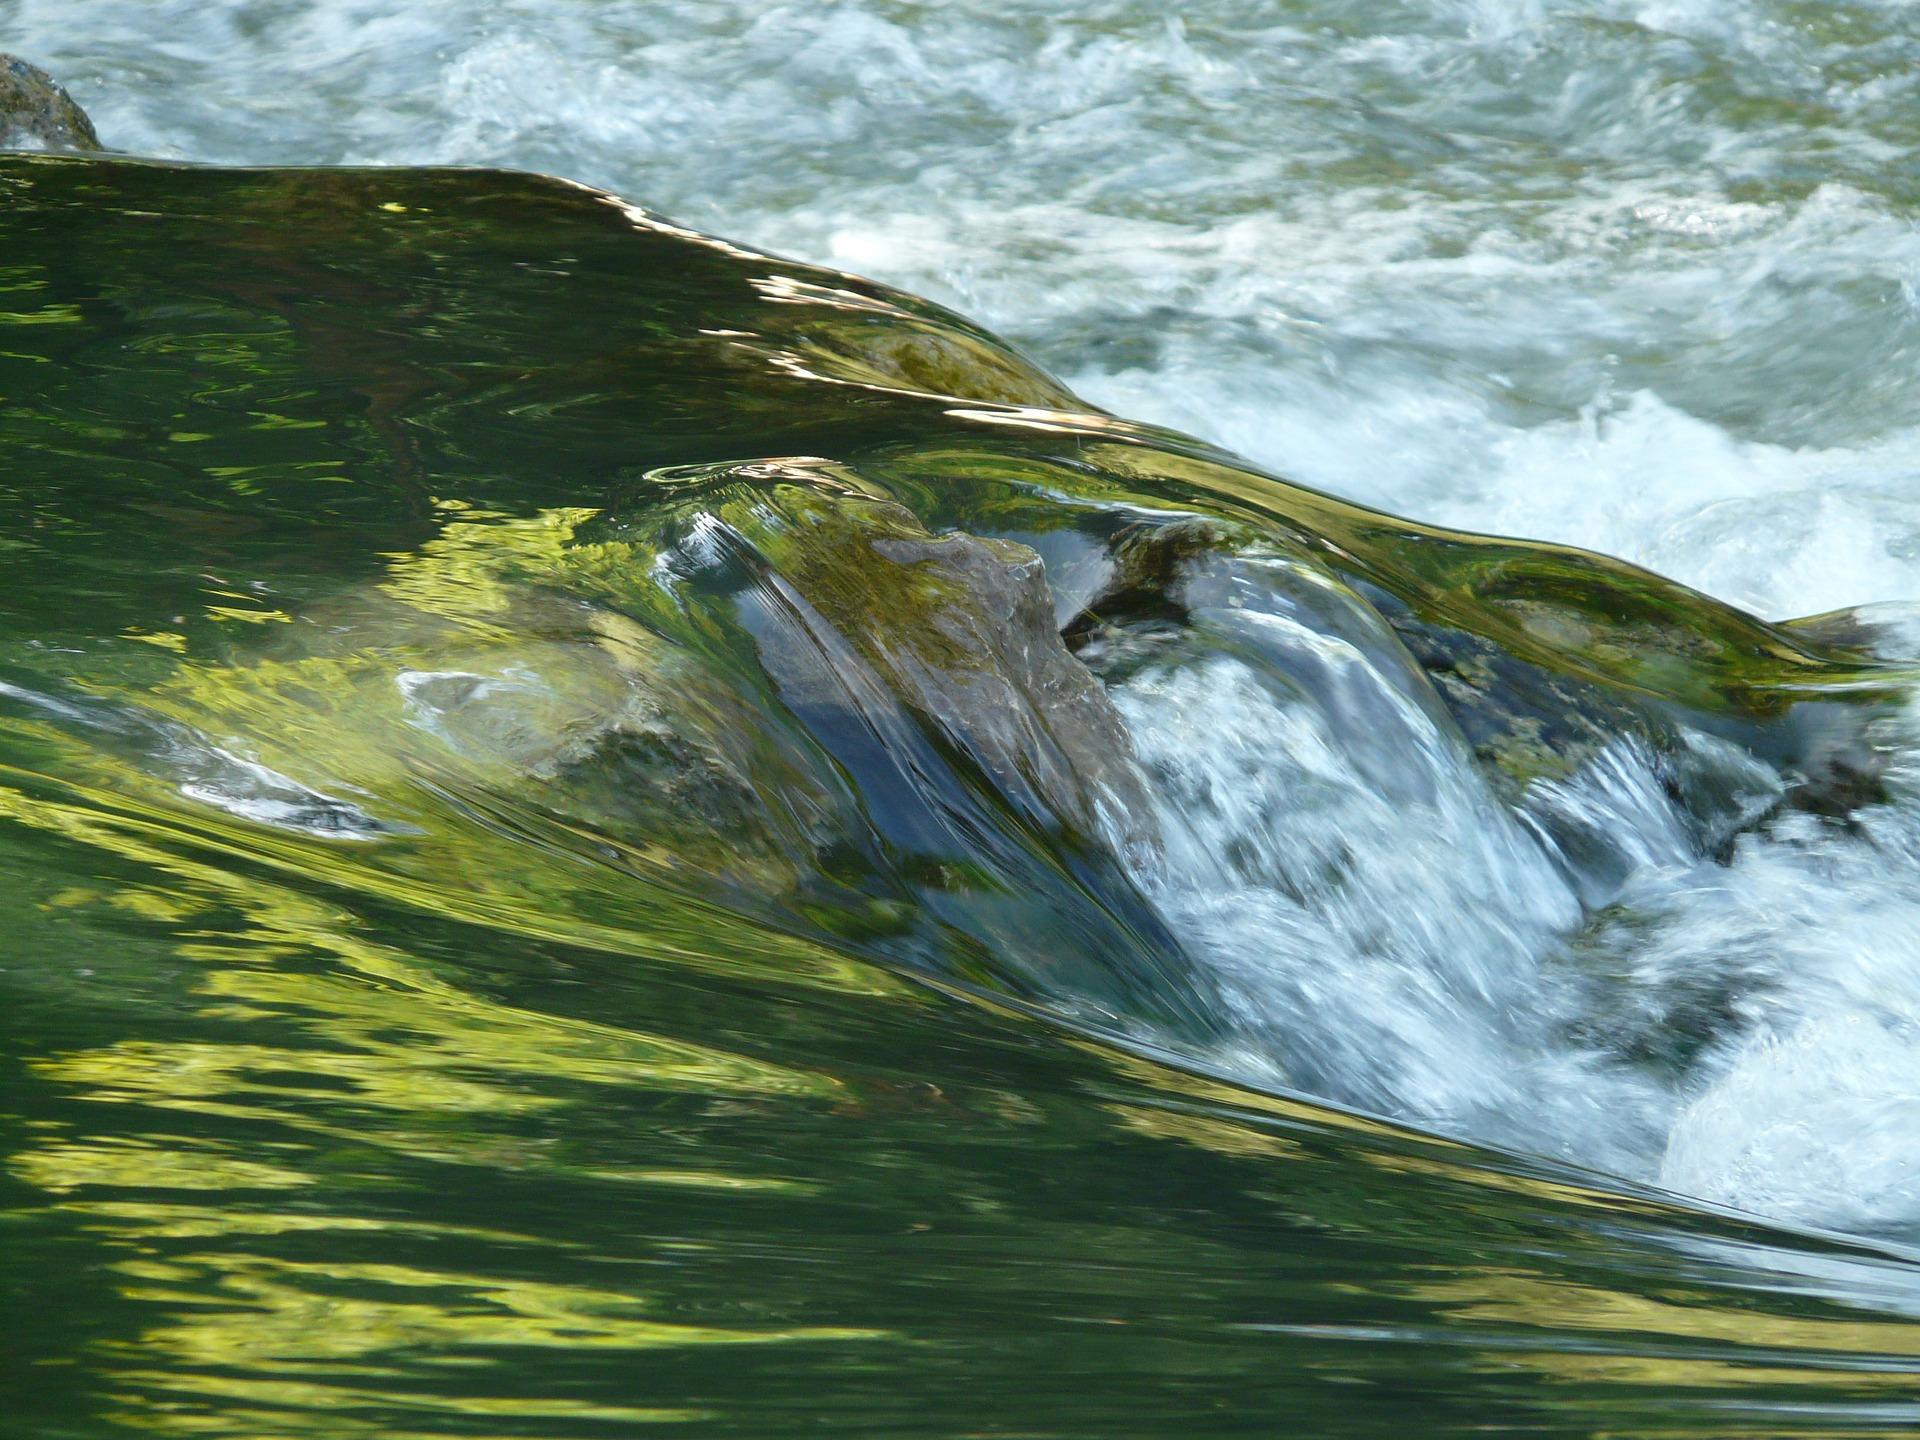 zakon o vodama peticija